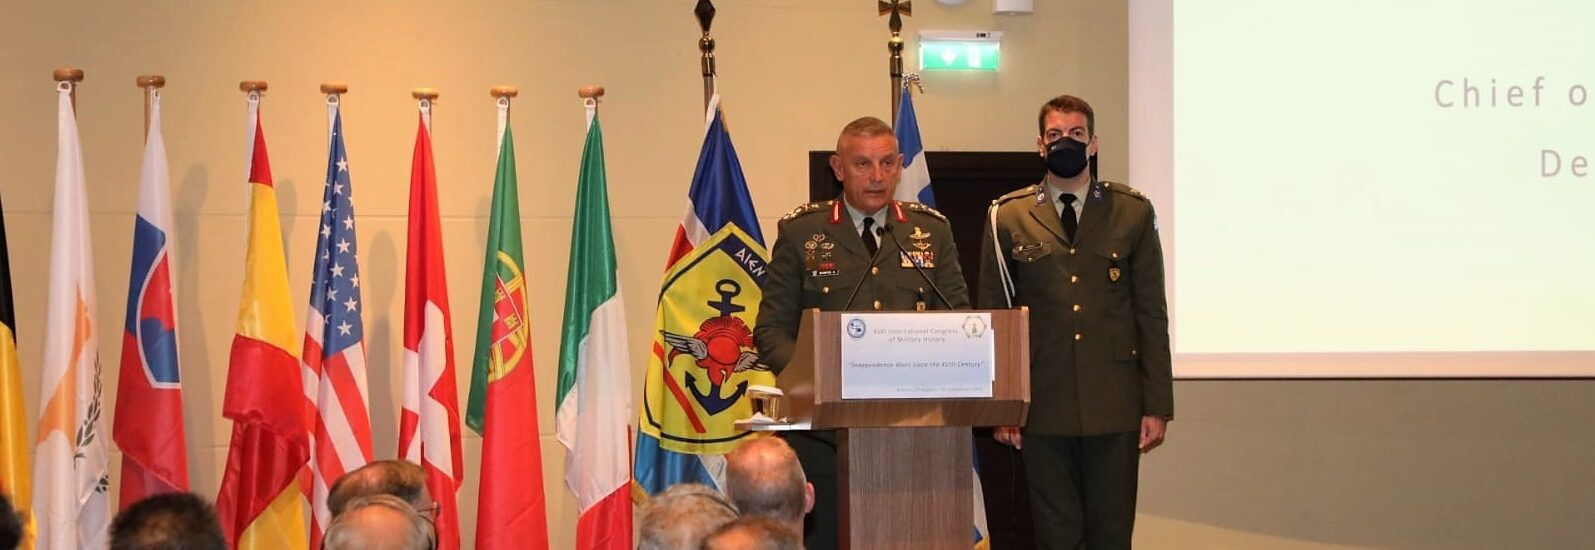 Πολεμικό Συνέδριο του ΝΑΤΟ στην Αθήνα